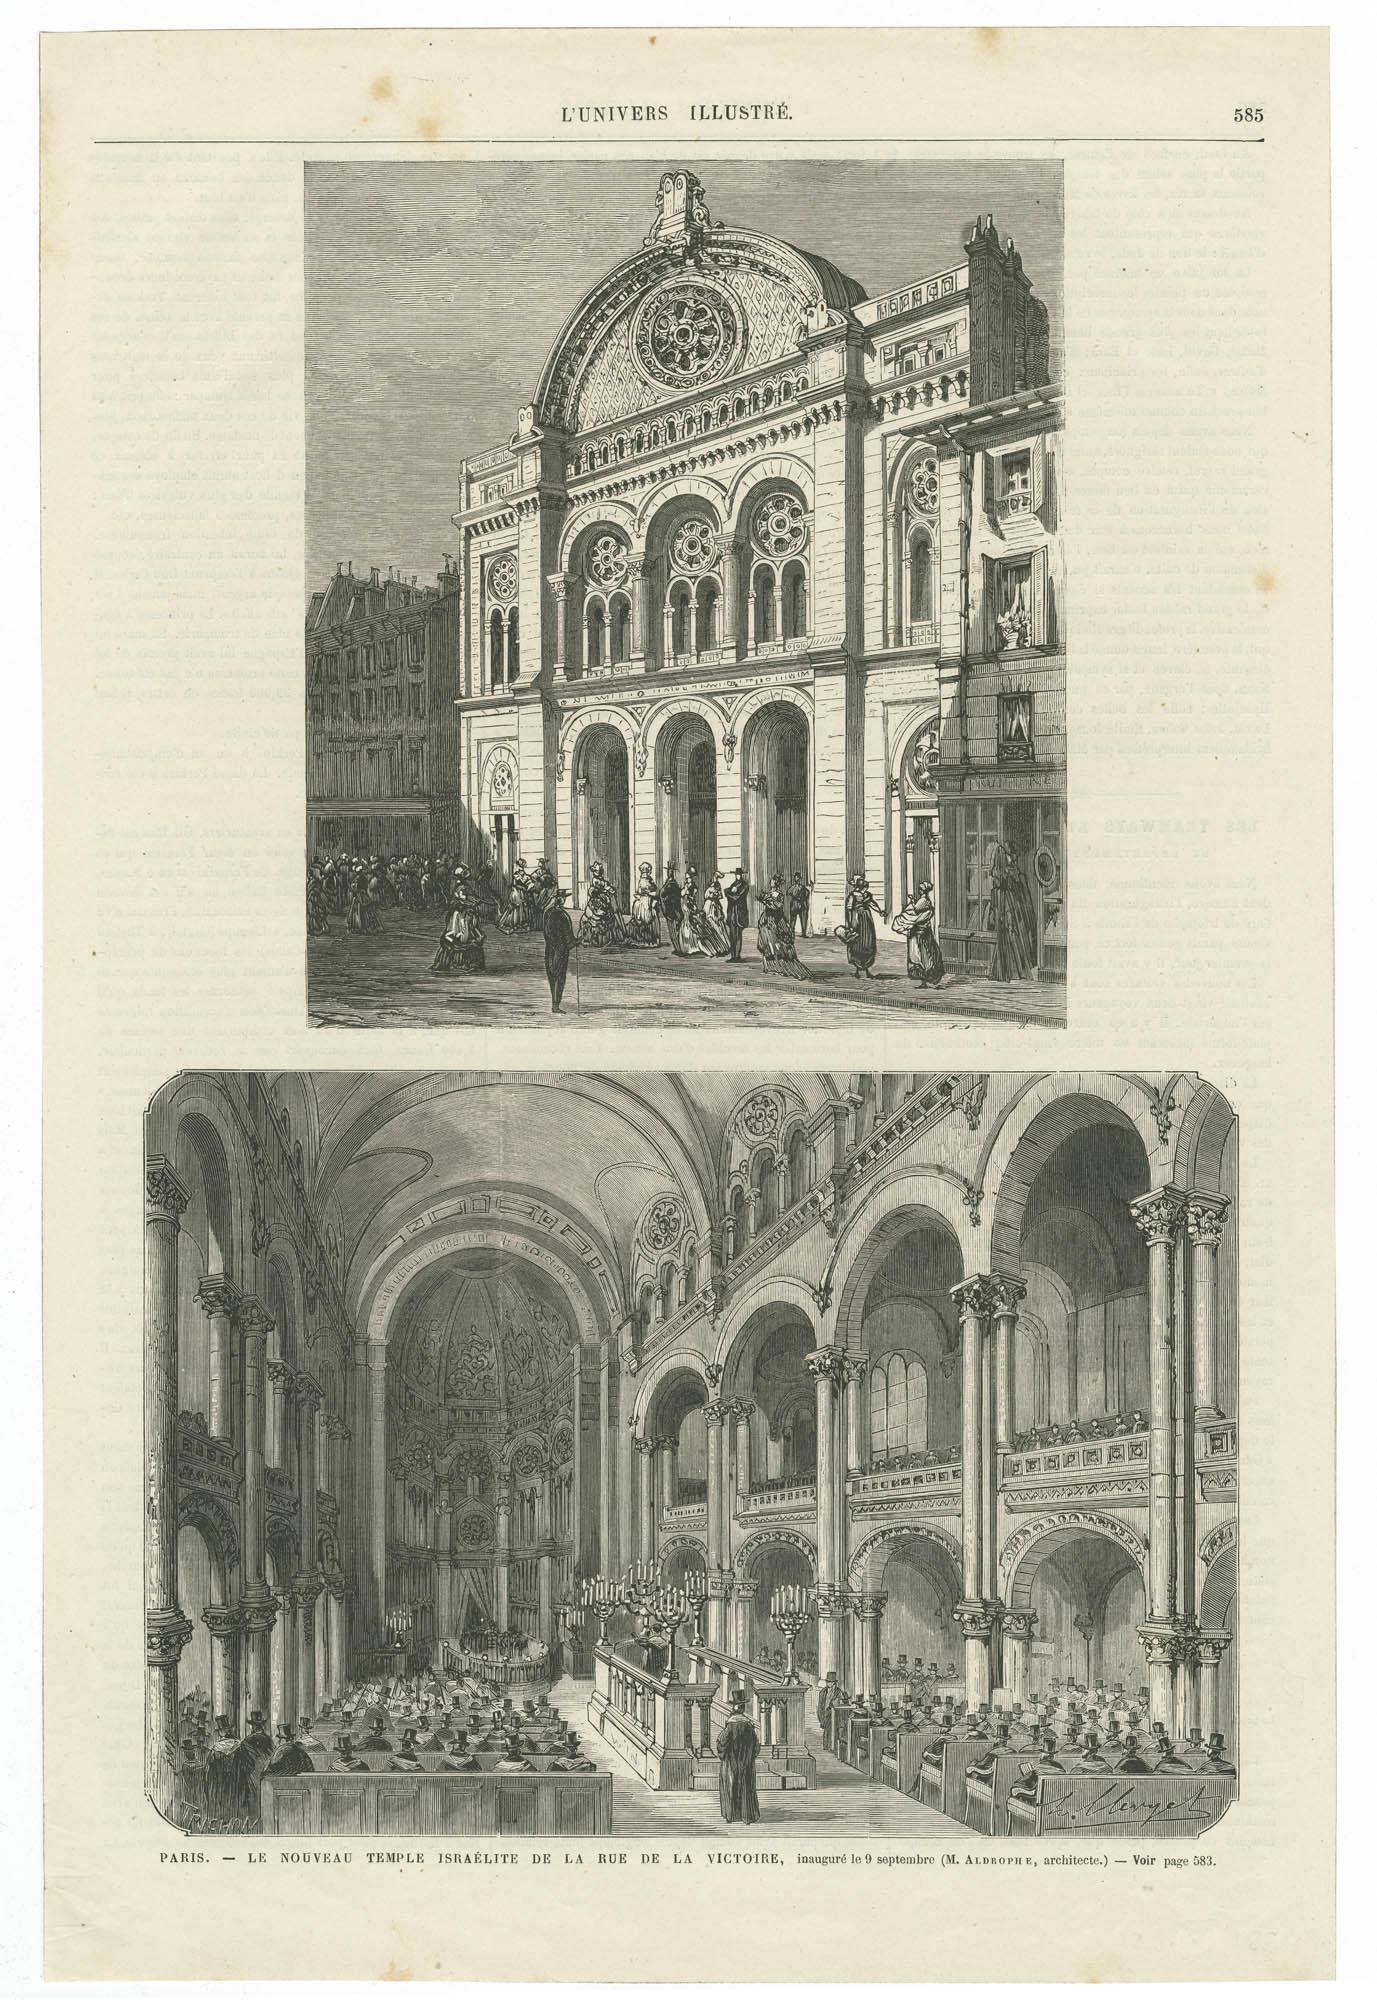 Paris. - Le nouveau Temple israélite de la rue de la Victoire, inauguré le 9 septembre.